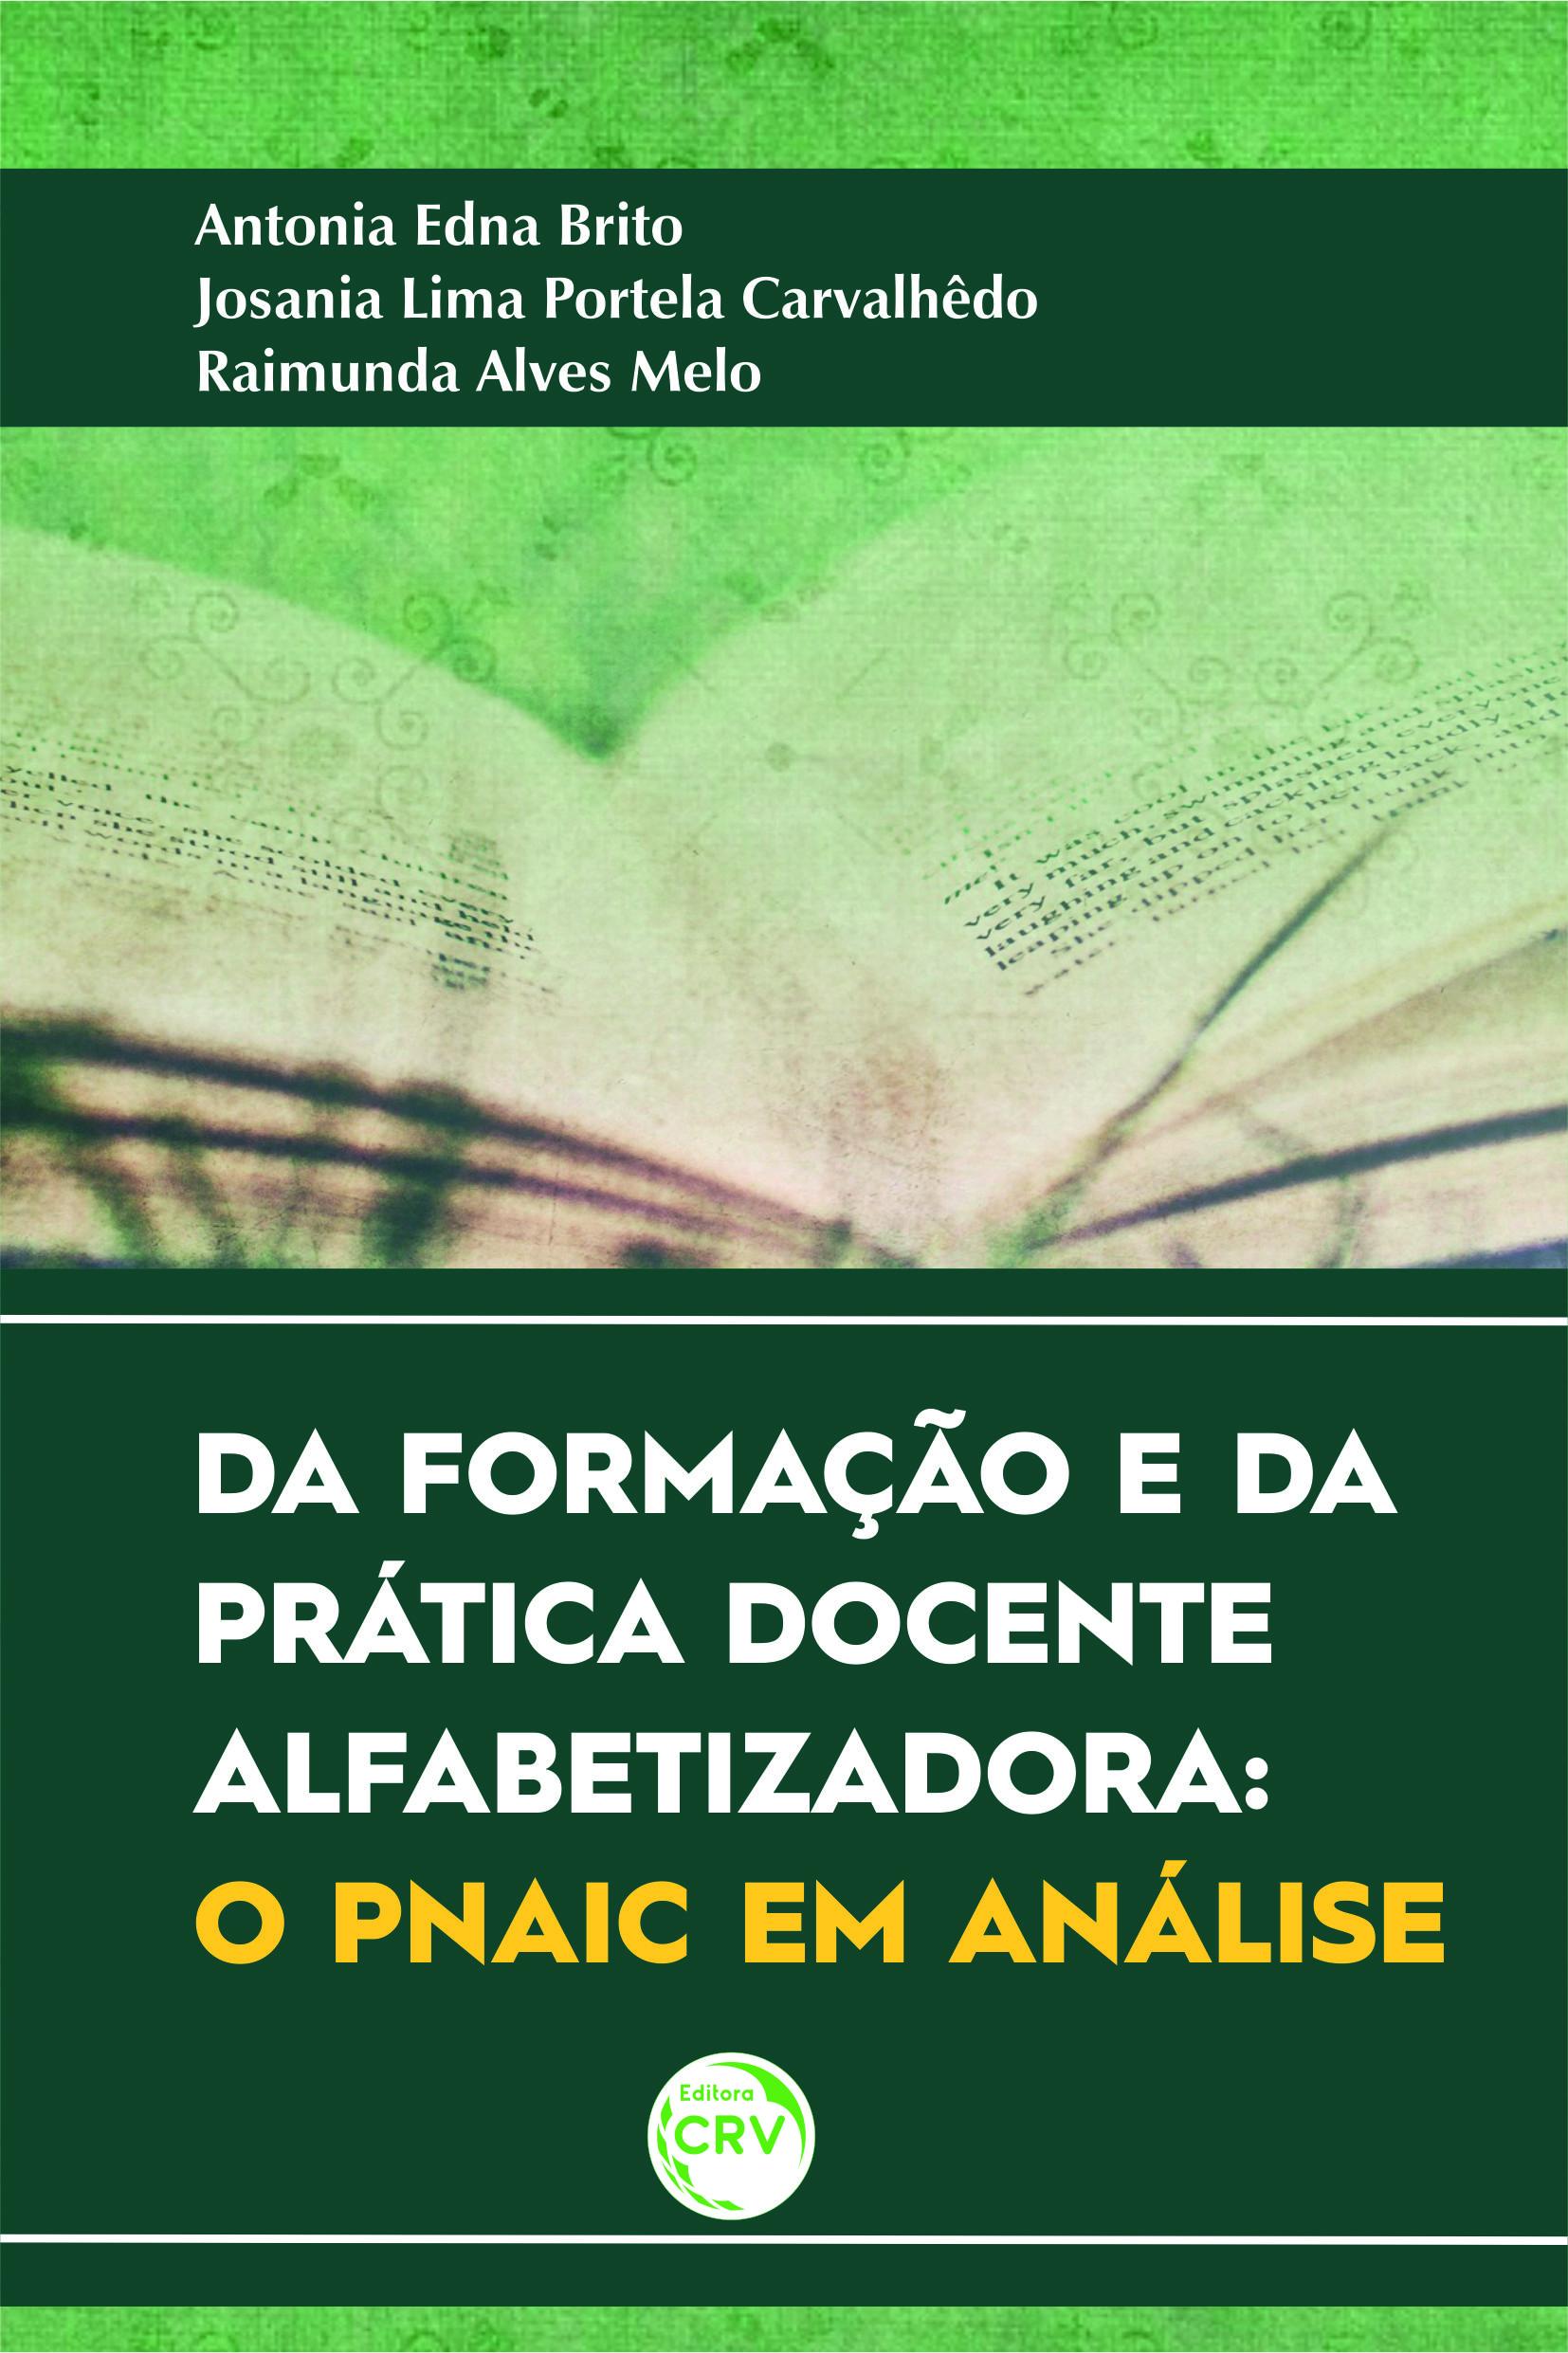 Capa do livro: DA FORMAÇÃO E DA PRÁTICA DOCENTE ALFABETIZADORA:<br> o PNAIC em análise